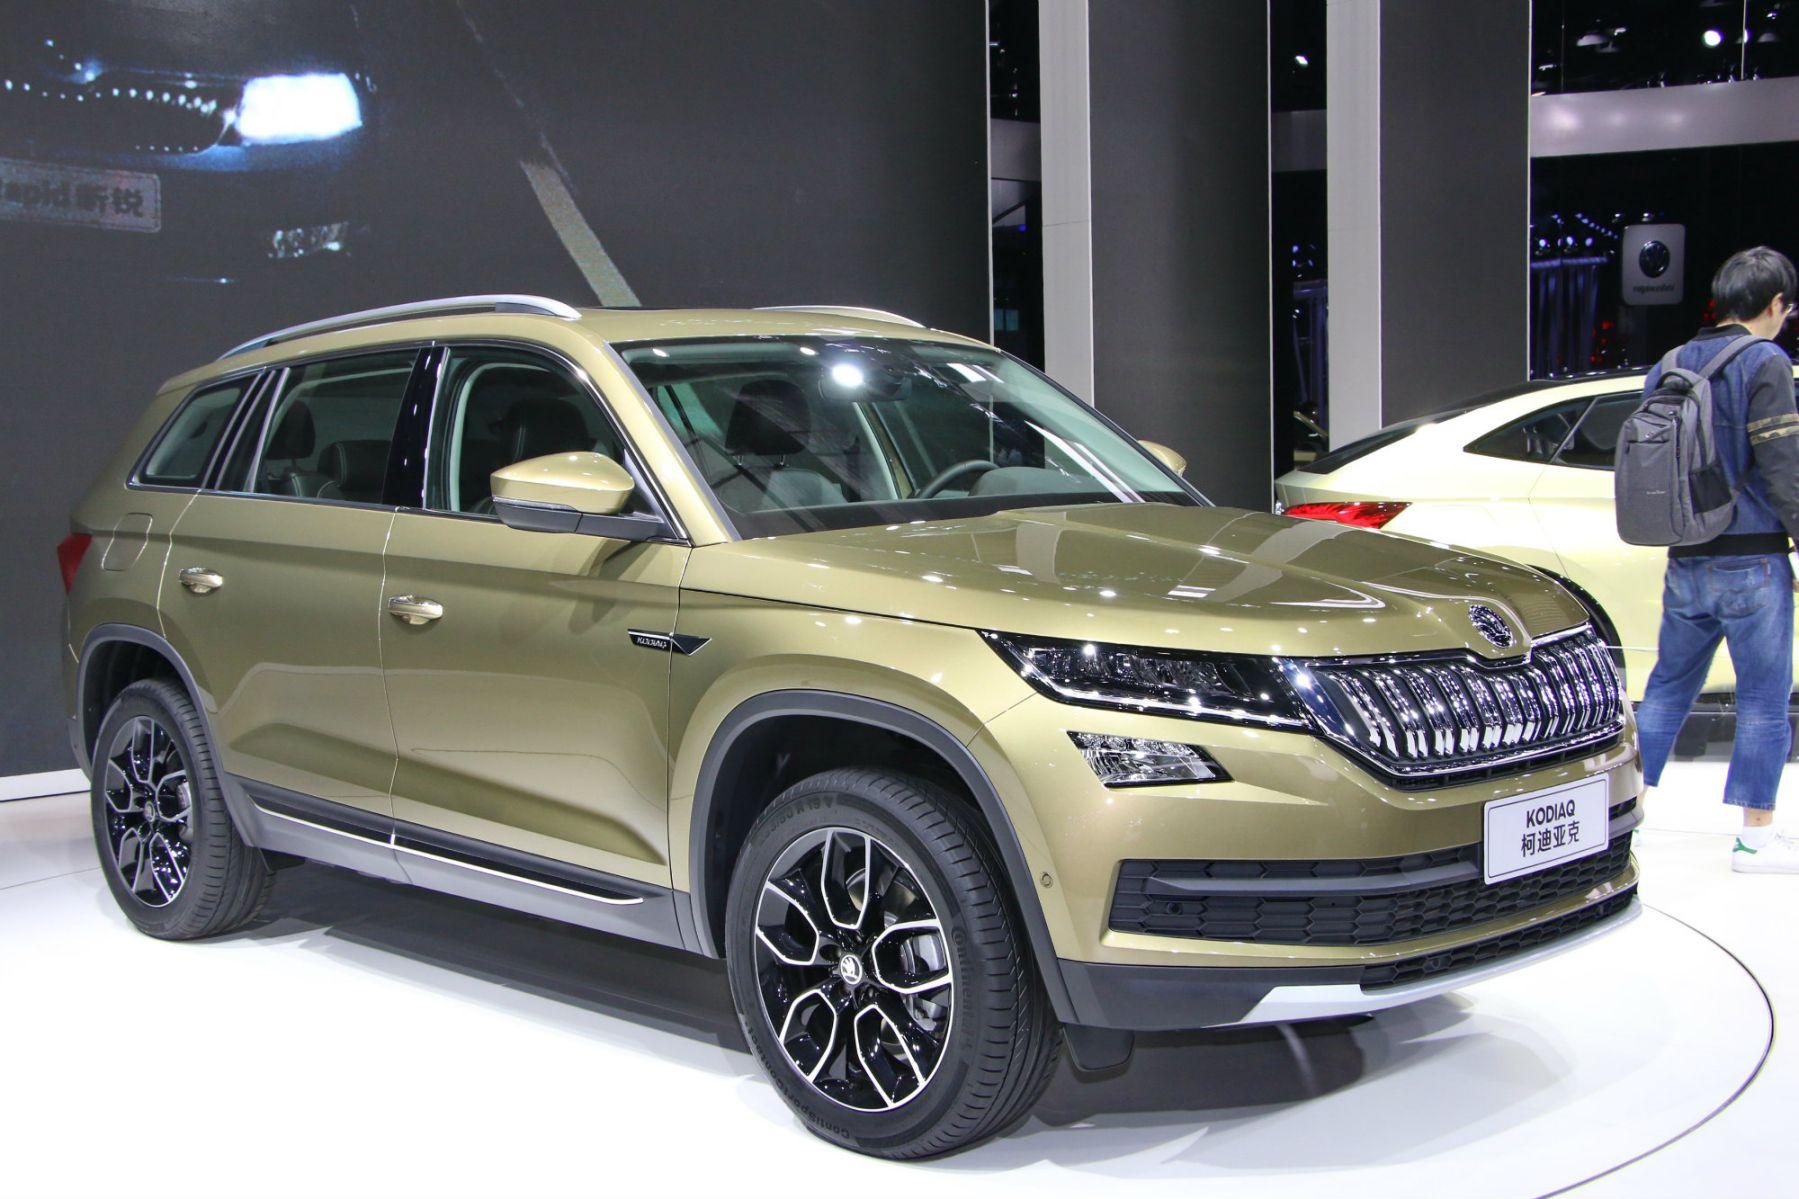 【上海車展】品牌首款7人SUV Skoda Kodiaq